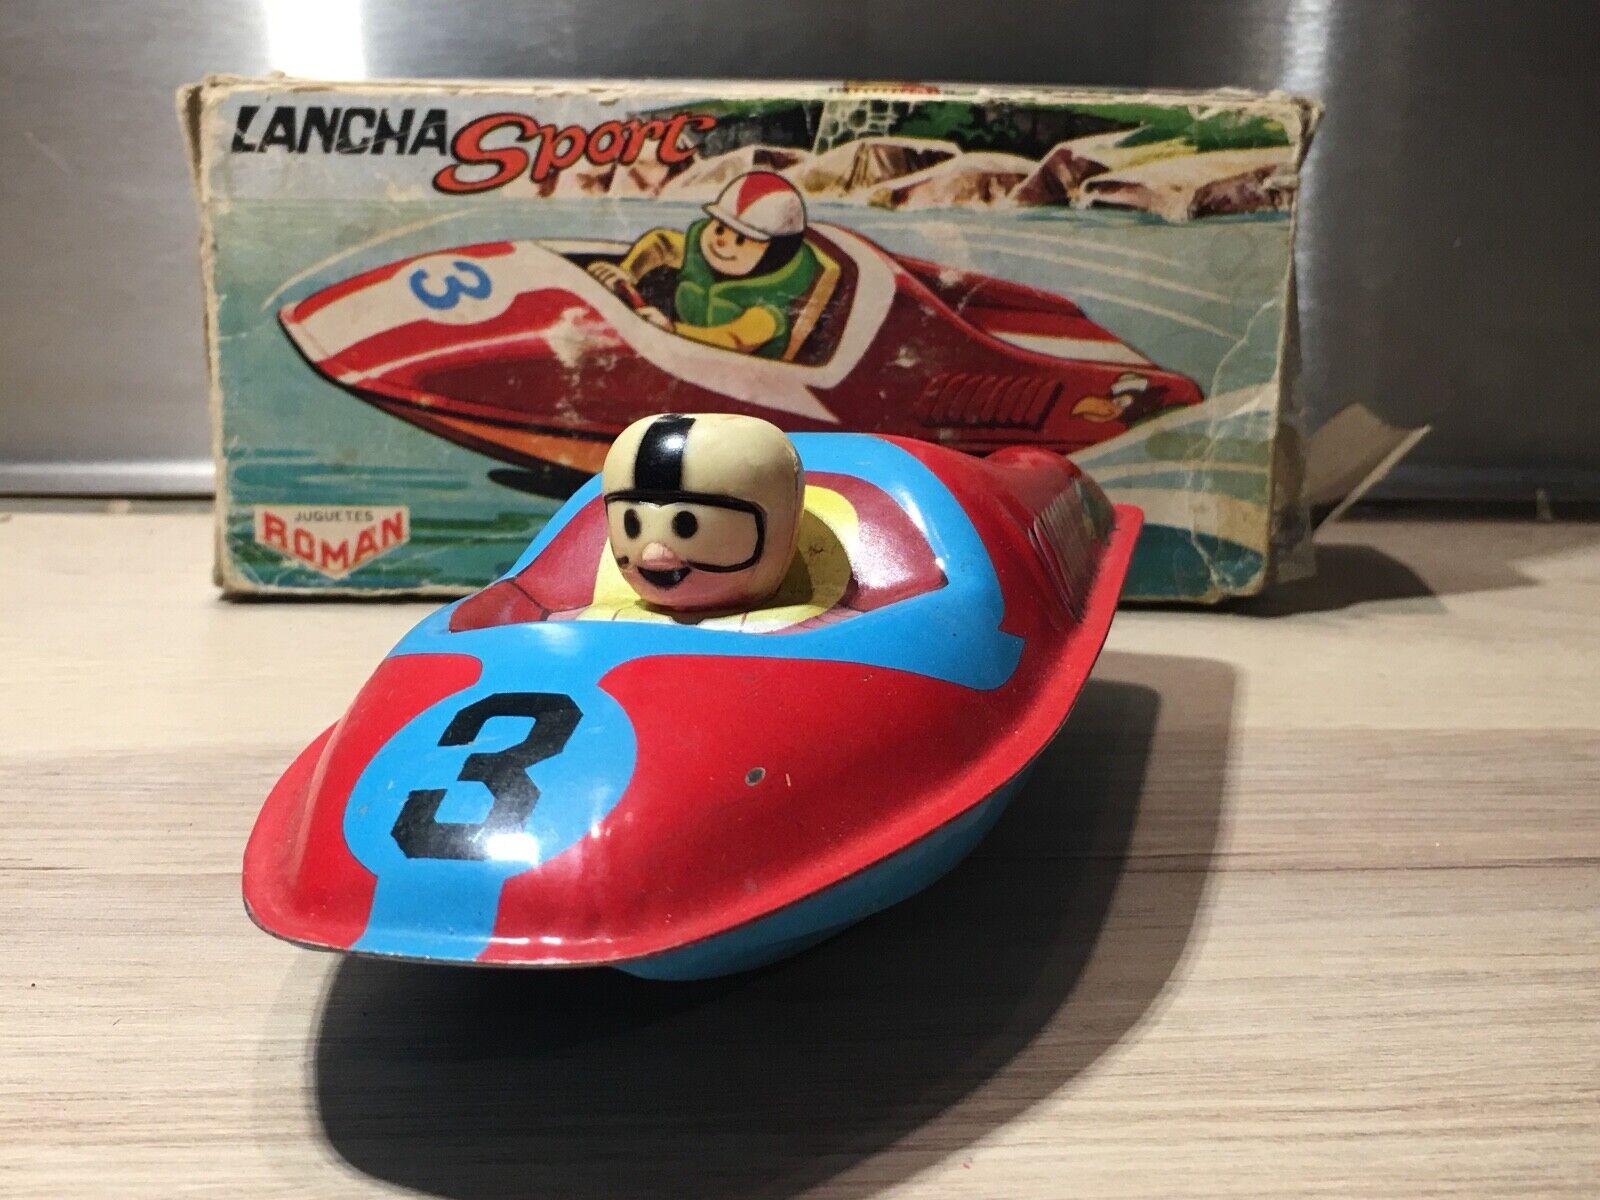 Bateau de course - Lancha Sport à friction, ROMA'N-JUGUETES,  boite d'origine.